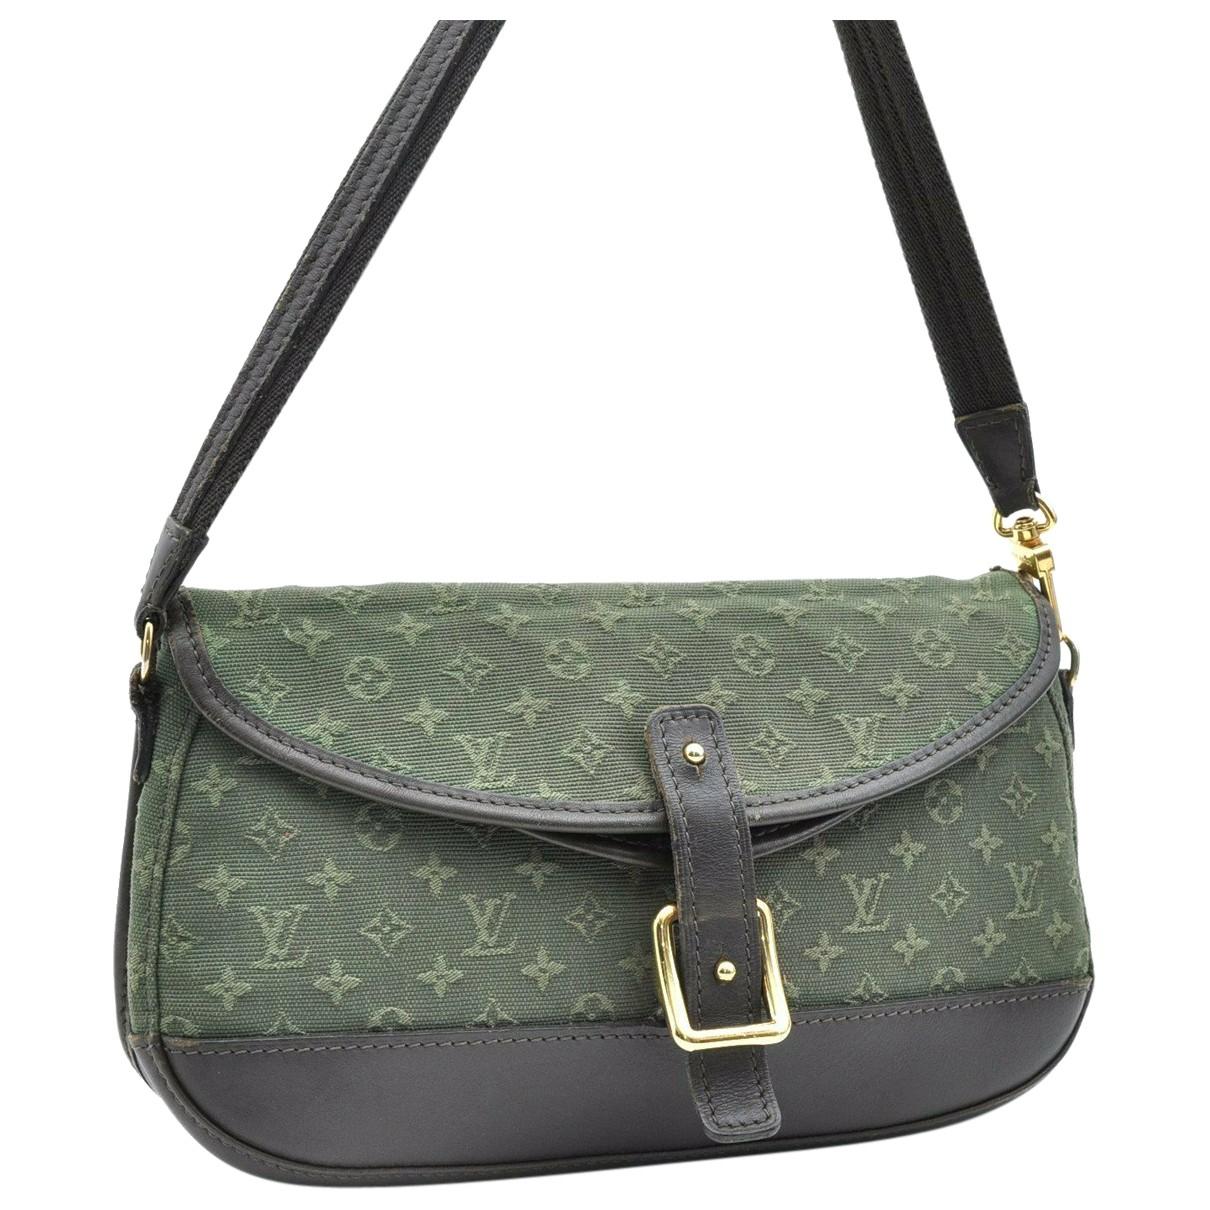 Louis Vuitton \N Handtasche in  Gruen Denim - Jeans